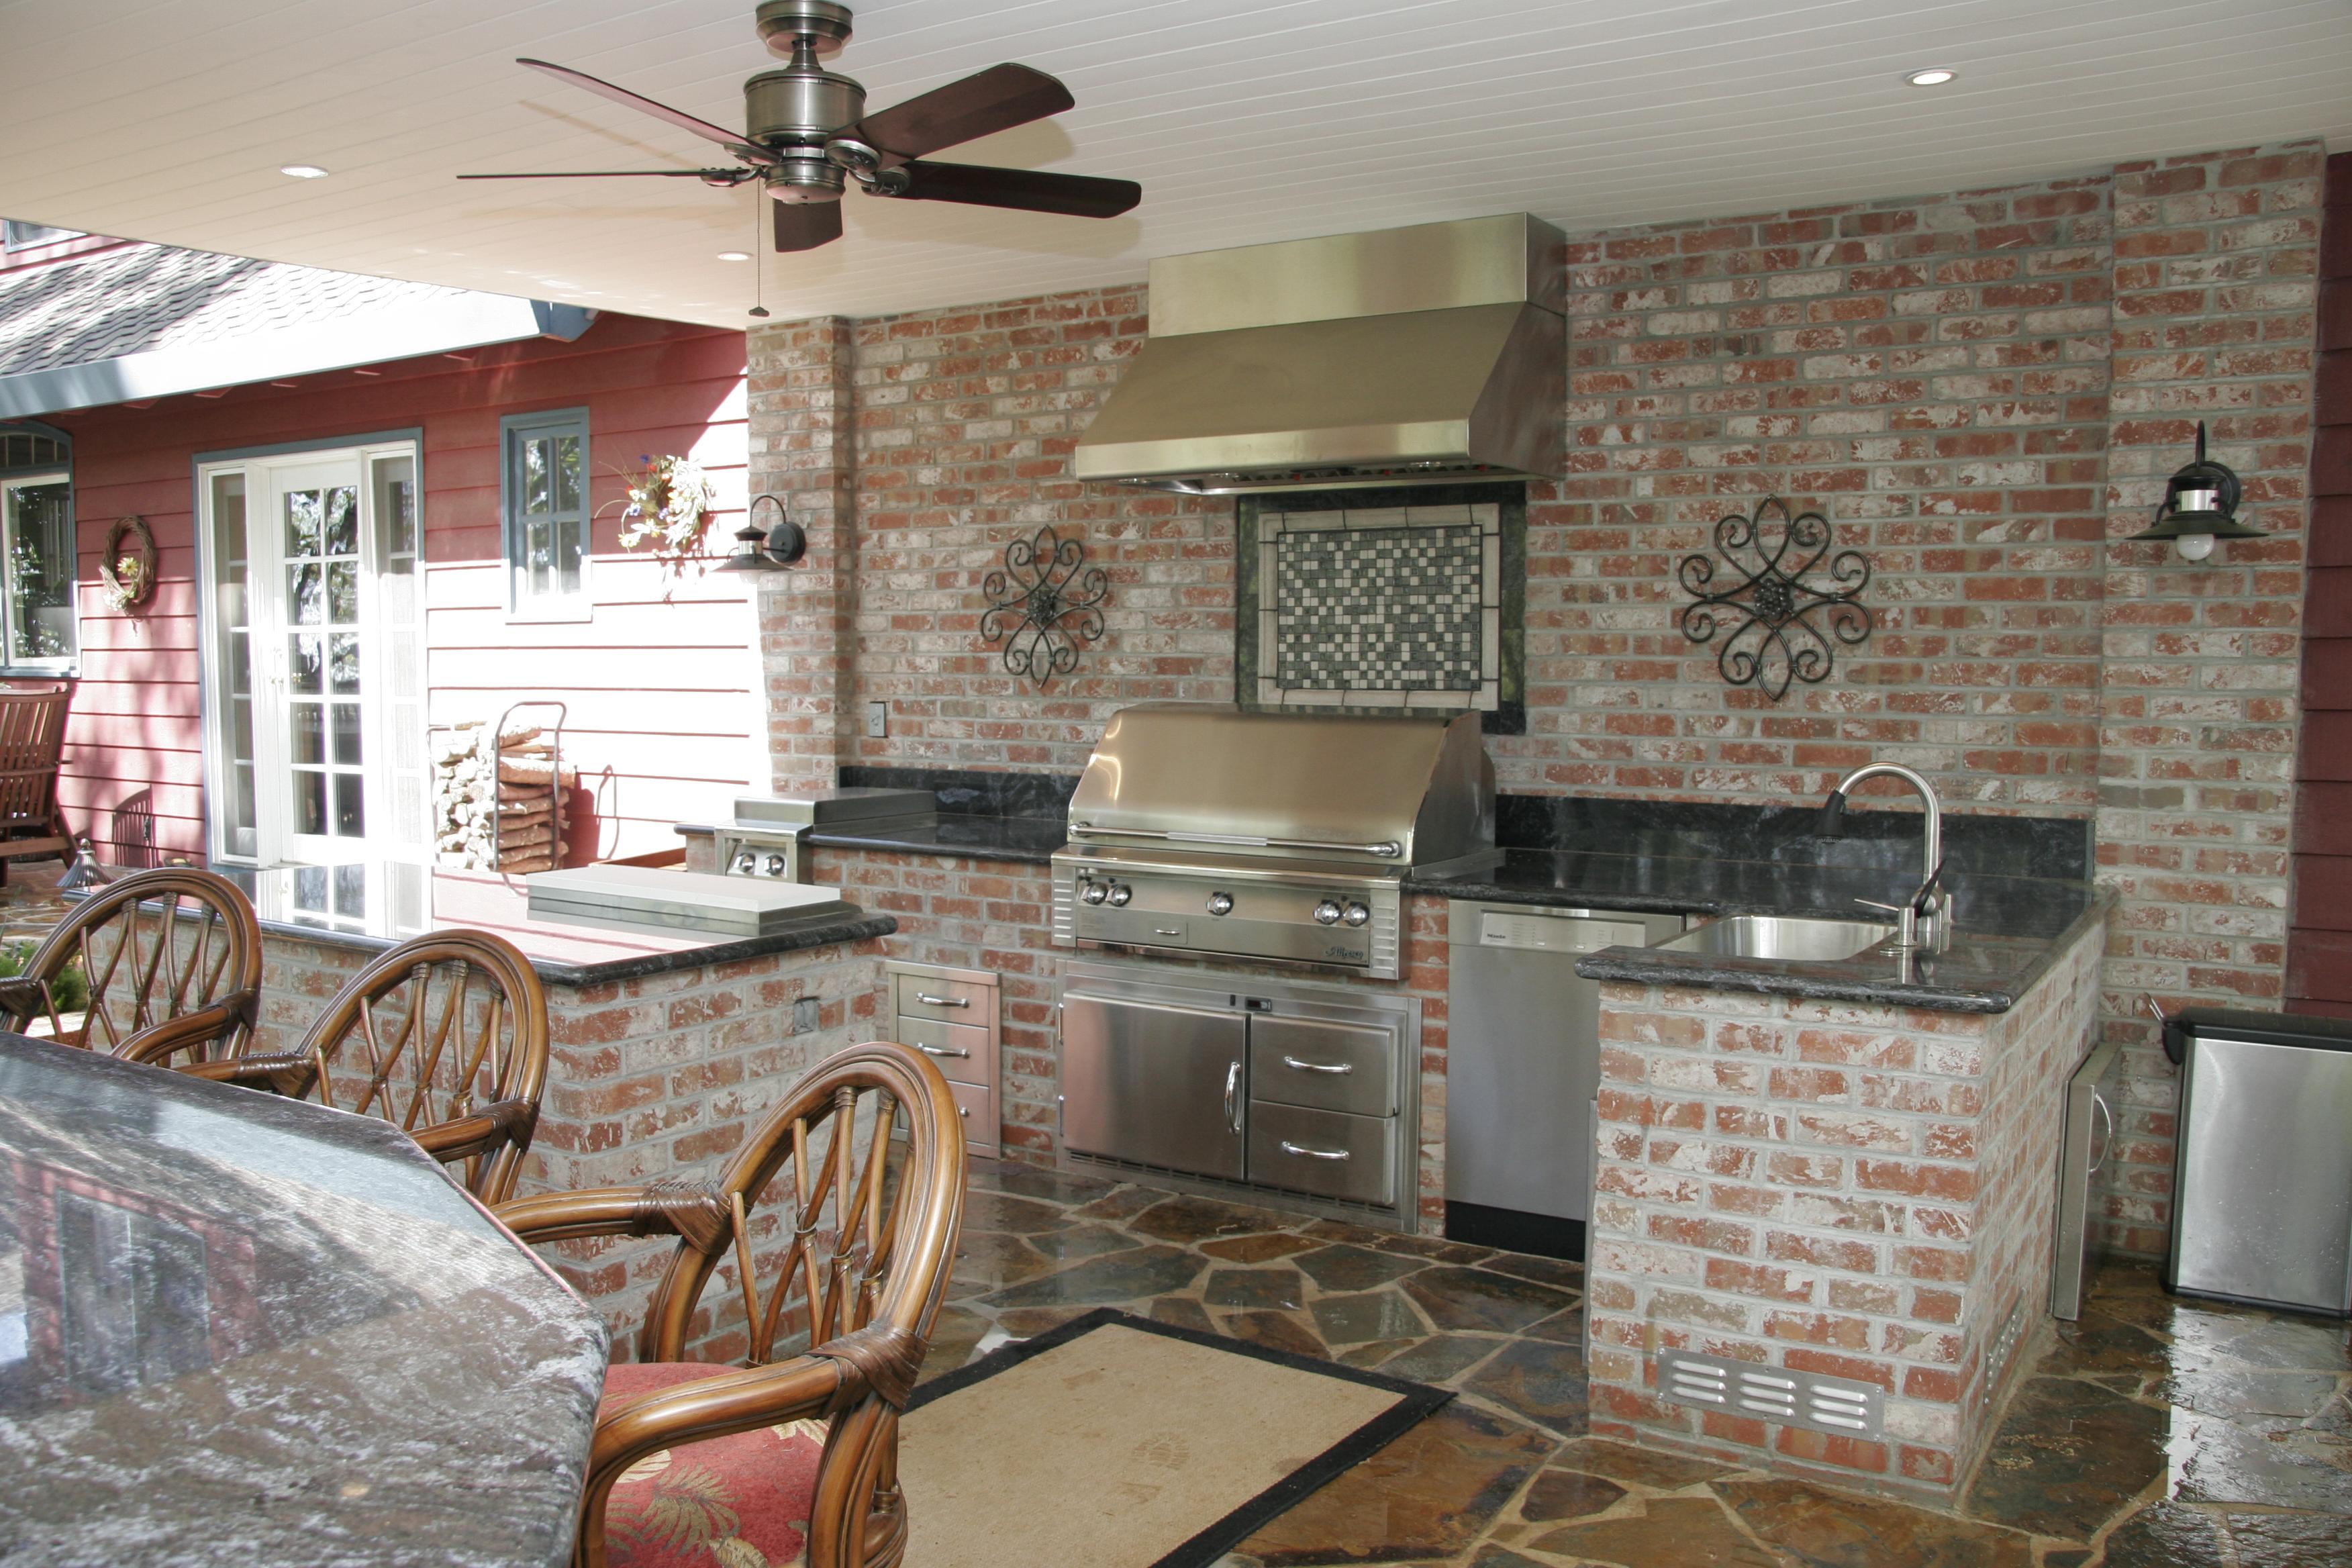 New outdoor brick kitchen designs taste for Outdoor brick kitchen designs